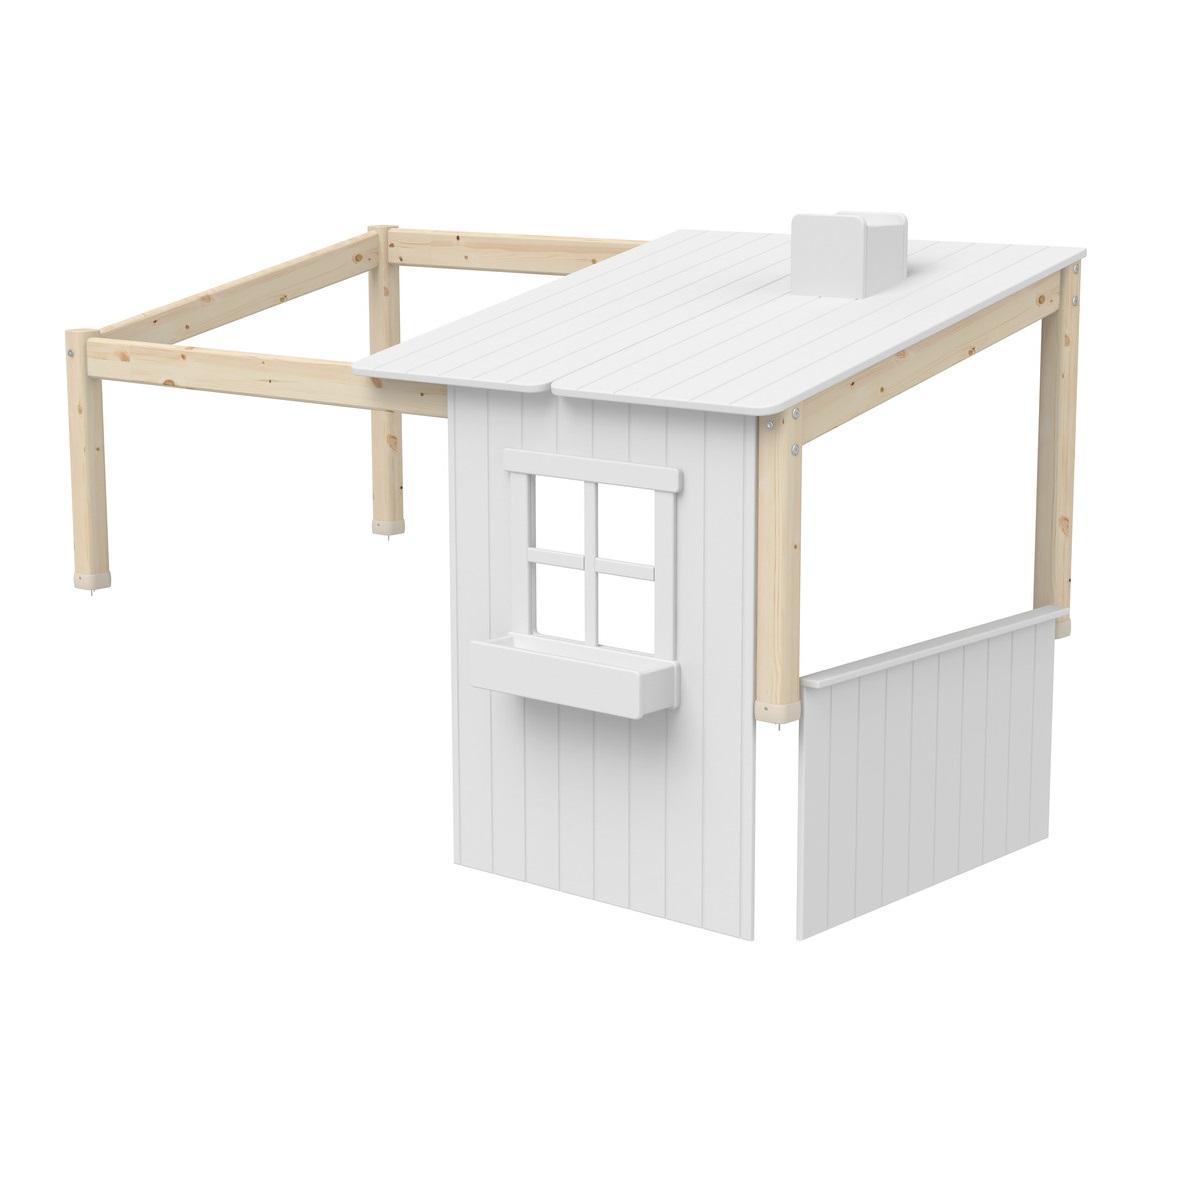 Sänghus halvt CLASSIC 190 cm vit/klarlack, Flexa